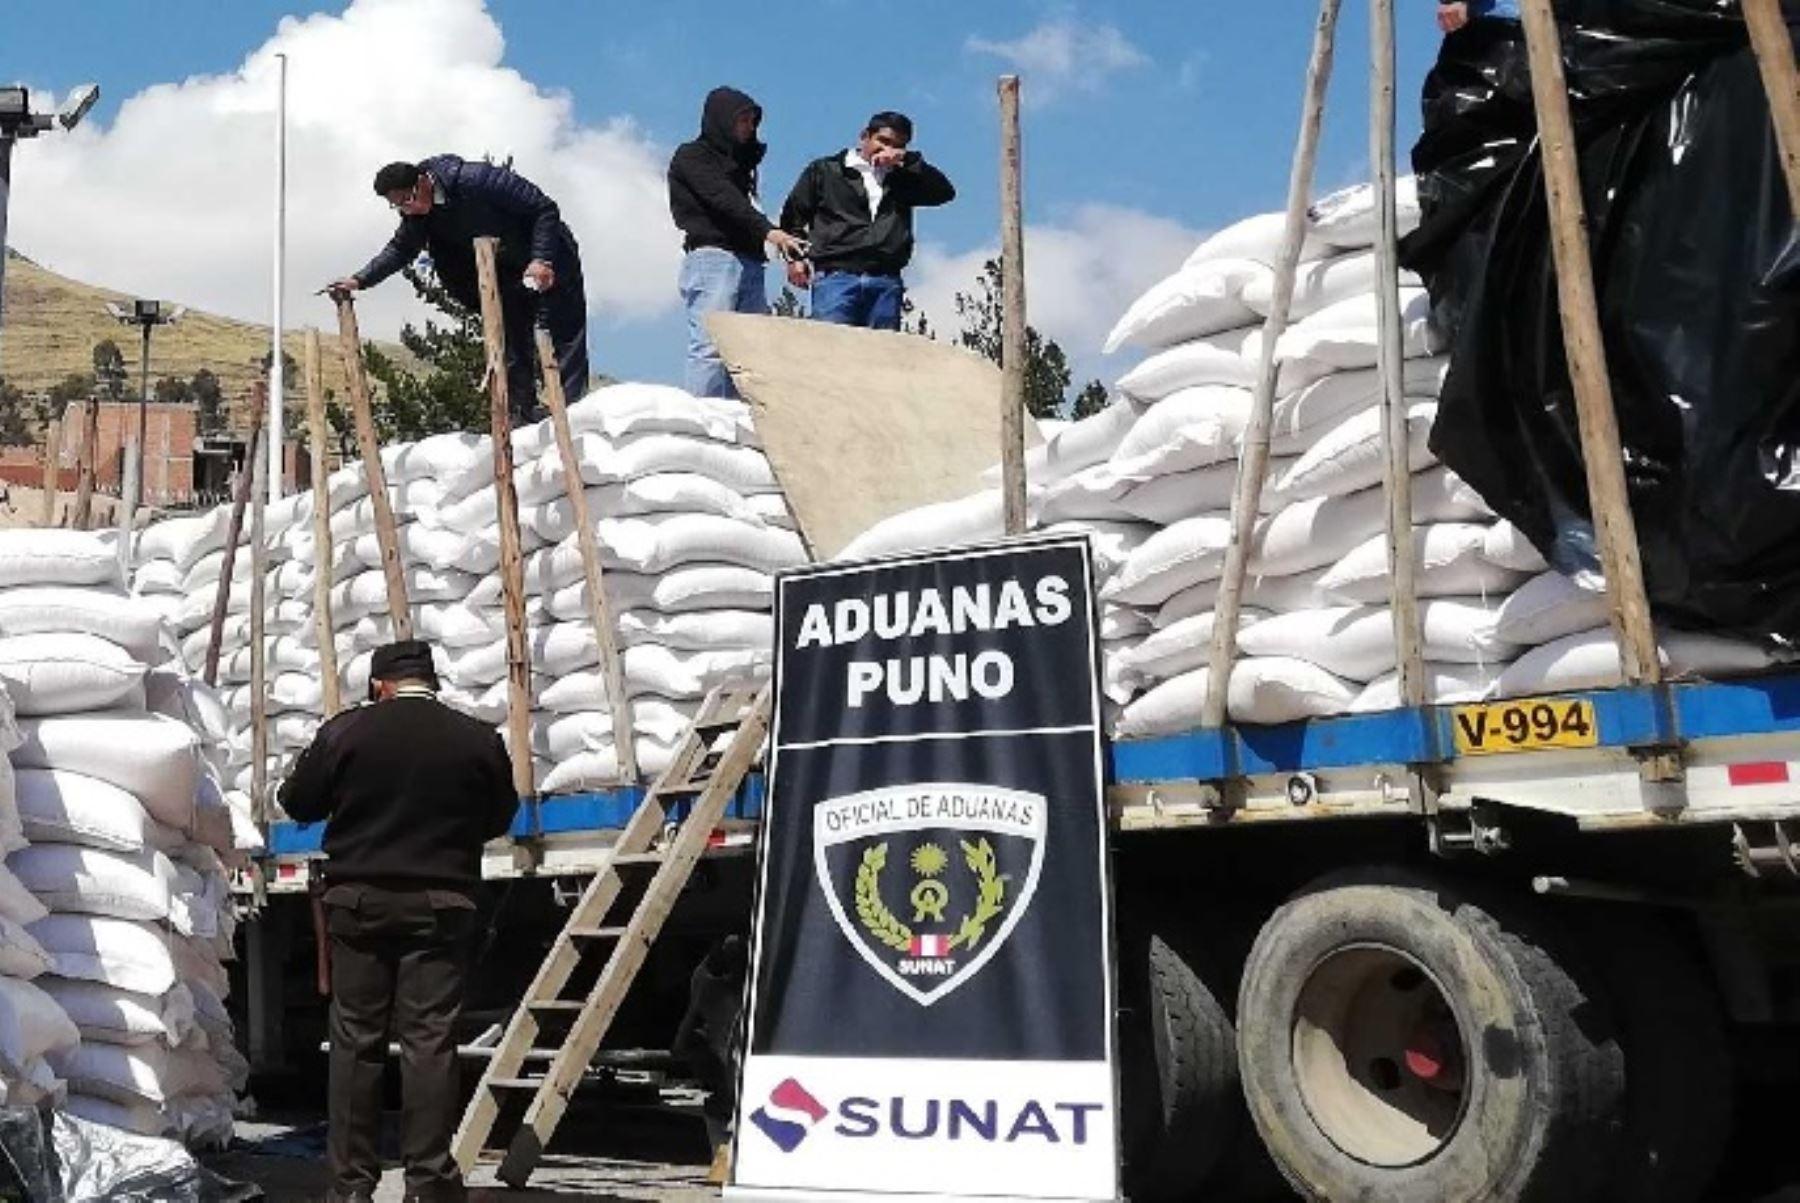 """La Superintendencia Nacional de Aduanas y de Administración Tributaria (Sunat) intervino cinco camiones de la denominada """"Culebra del Sur"""" en la región Puno, que transportaban mercancías por un monto de 400 mil dólares, sin documentos que acrediten su ingreso legal al país."""